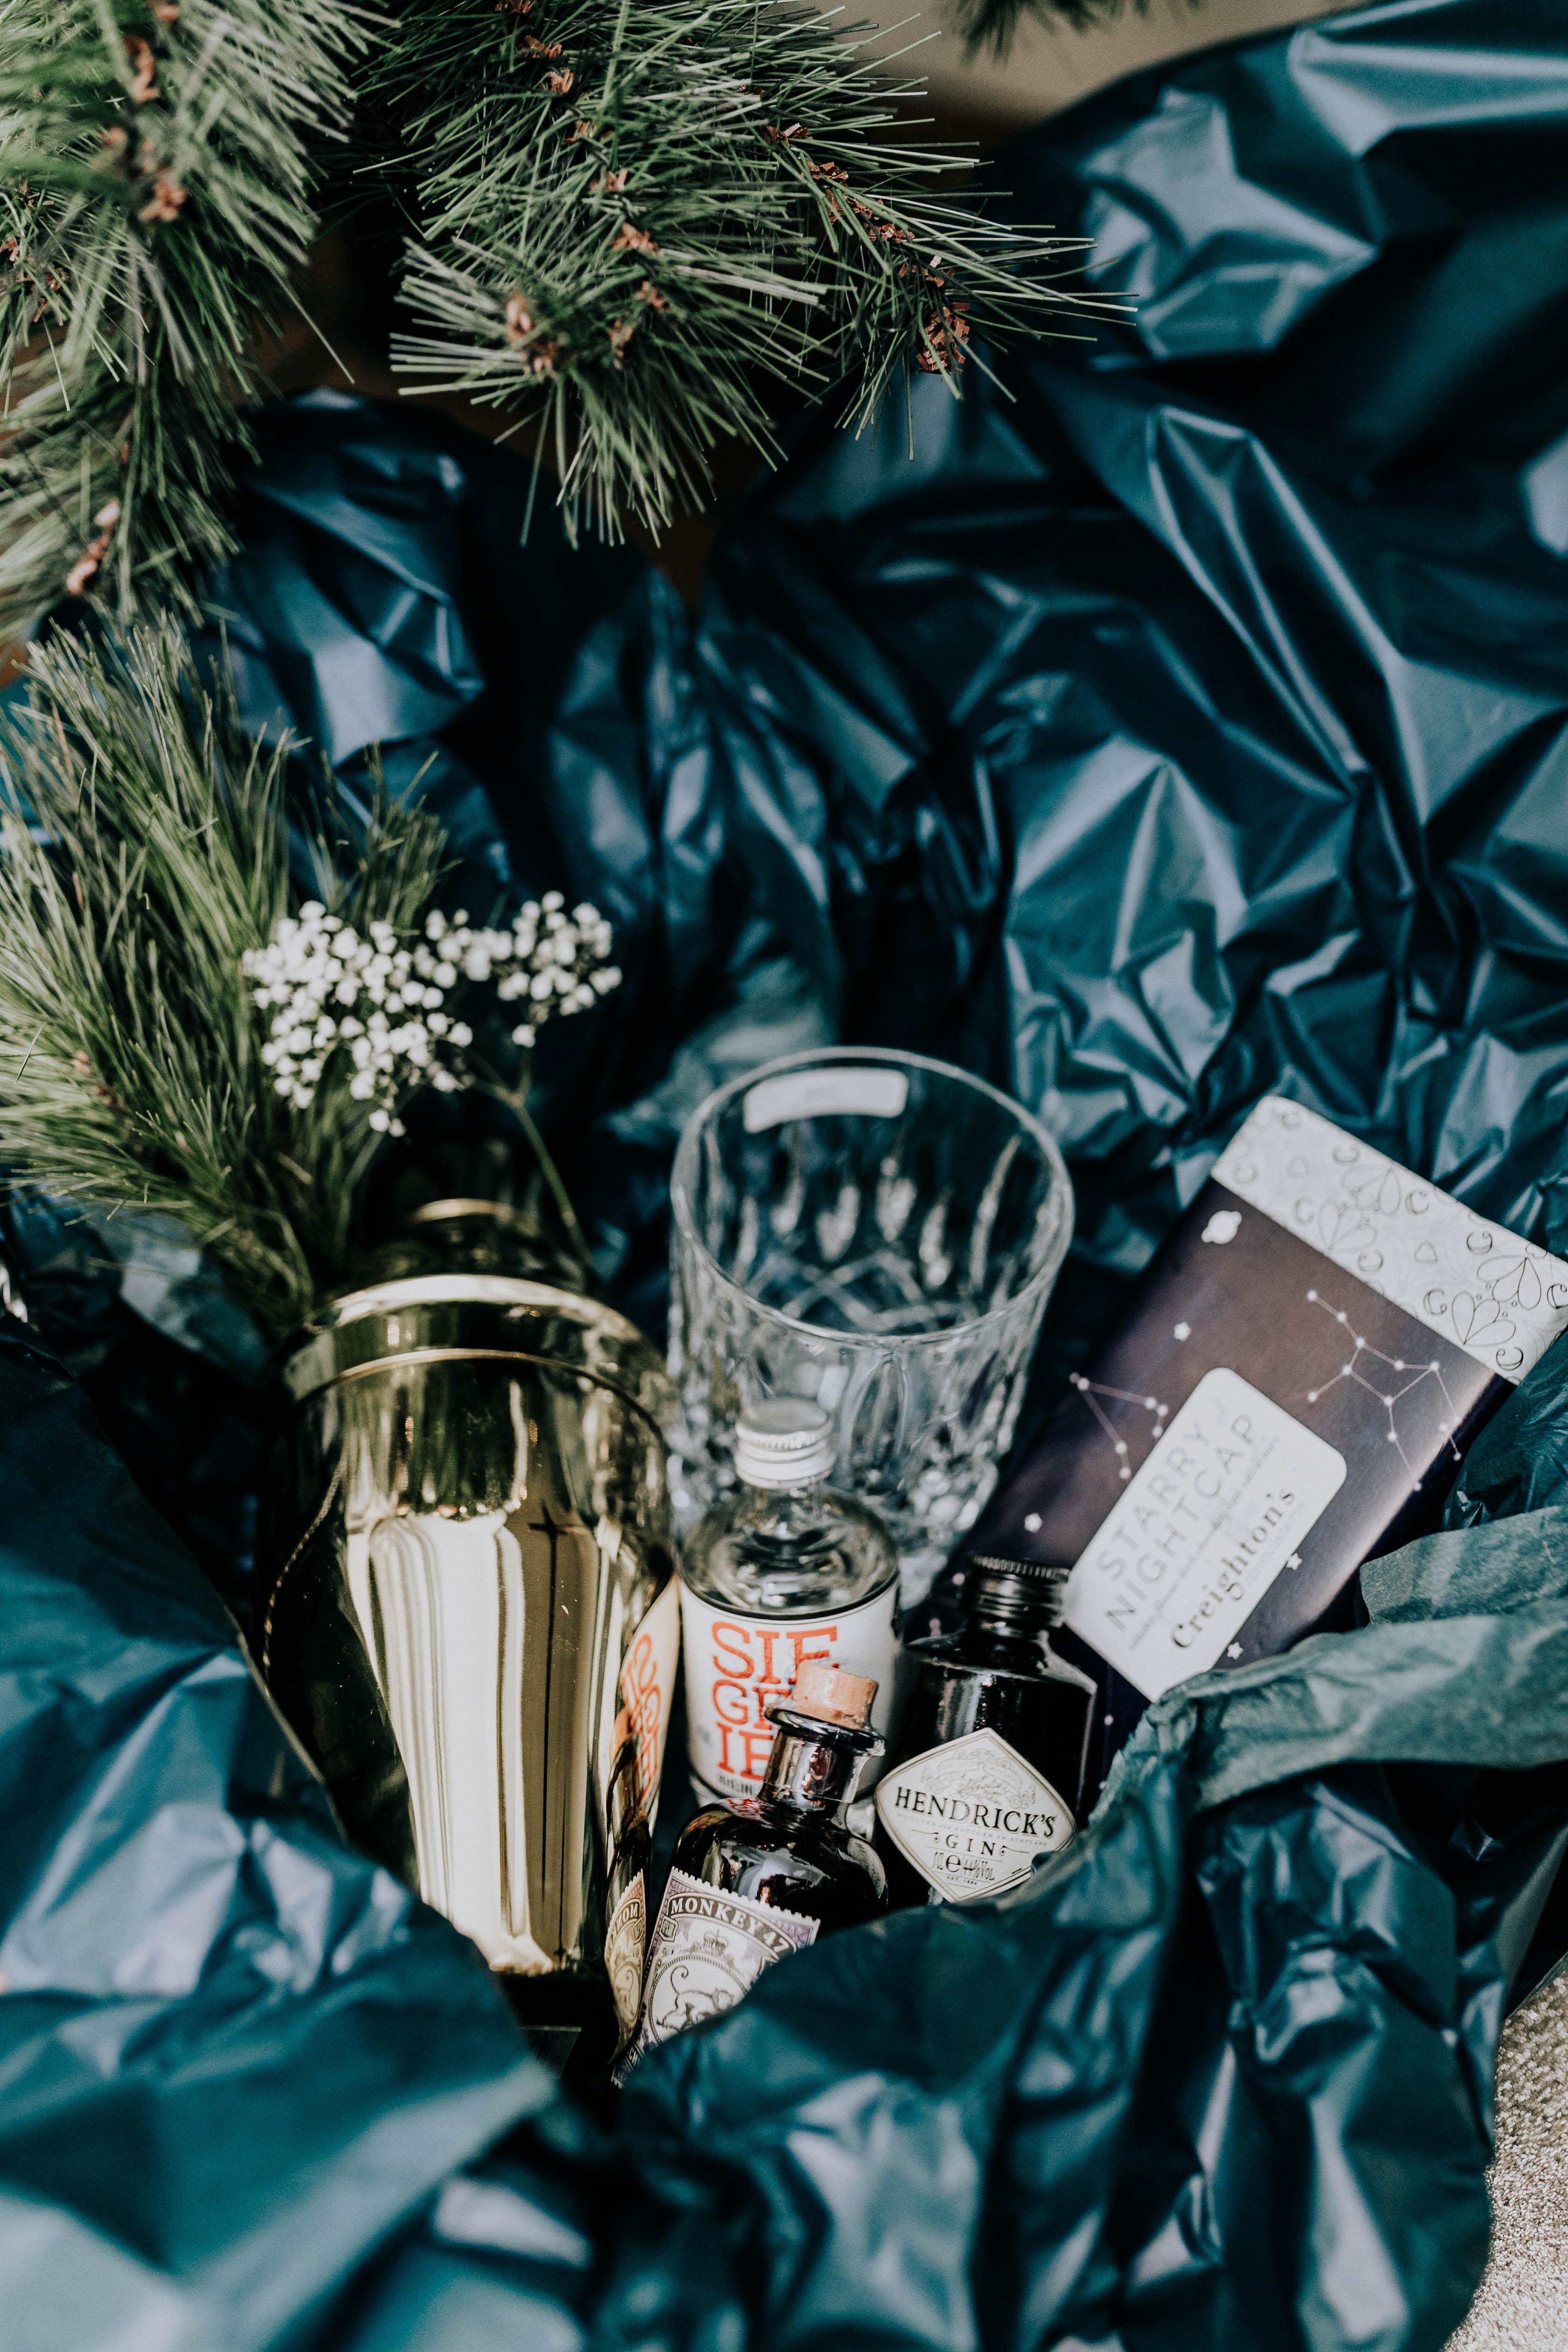 das beste geschenk f r jeden anlass so findet ihr immer das passende geschenk sch nwild. Black Bedroom Furniture Sets. Home Design Ideas